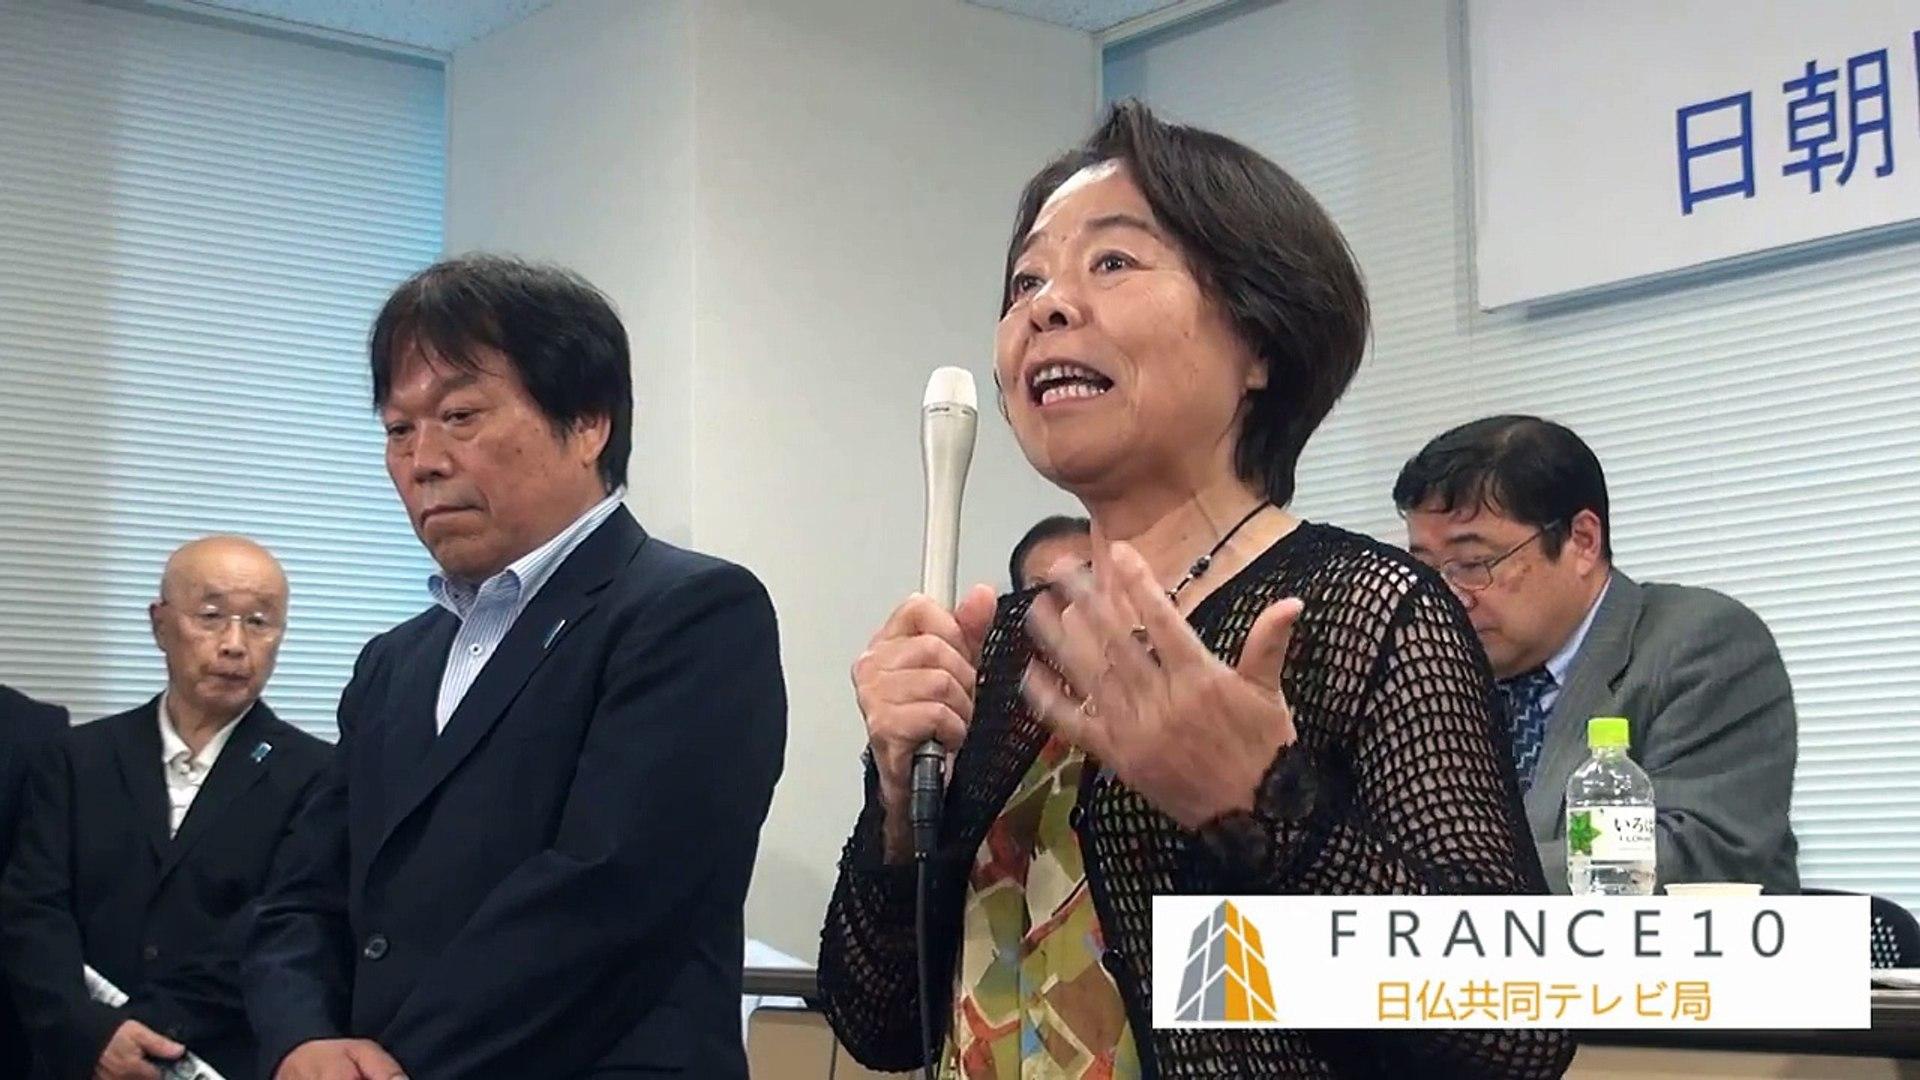 横田滋&早紀江さんら拉致被害者家族が訴え 2014 06 22